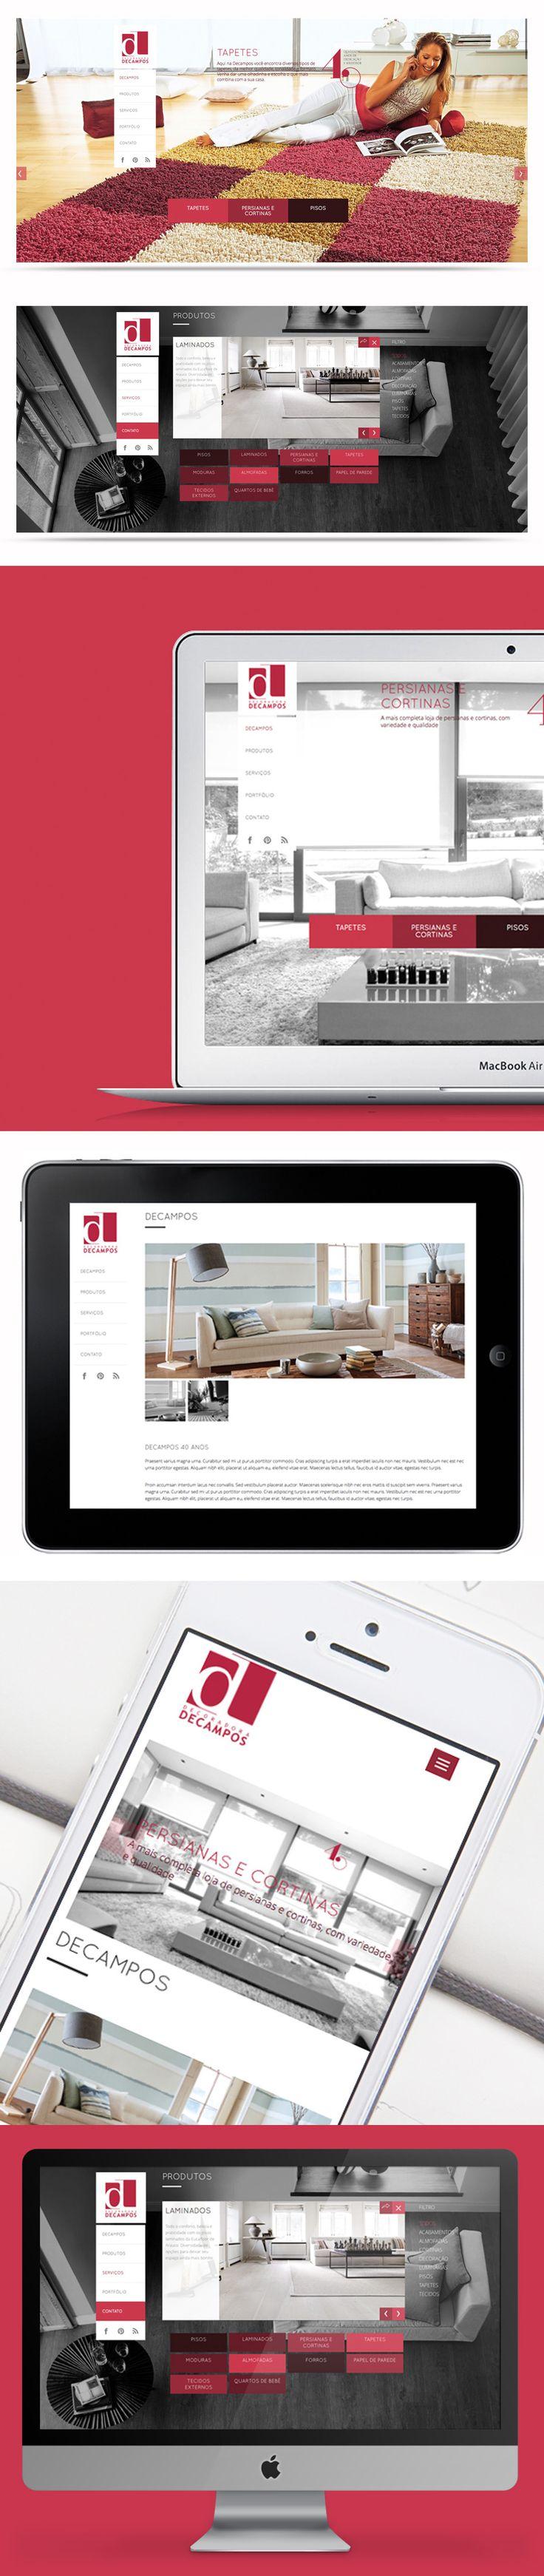 Projeto de web design responsivo. Site da Decampos Decoradora desenvolvido pela Kadabra Design Estratégico.